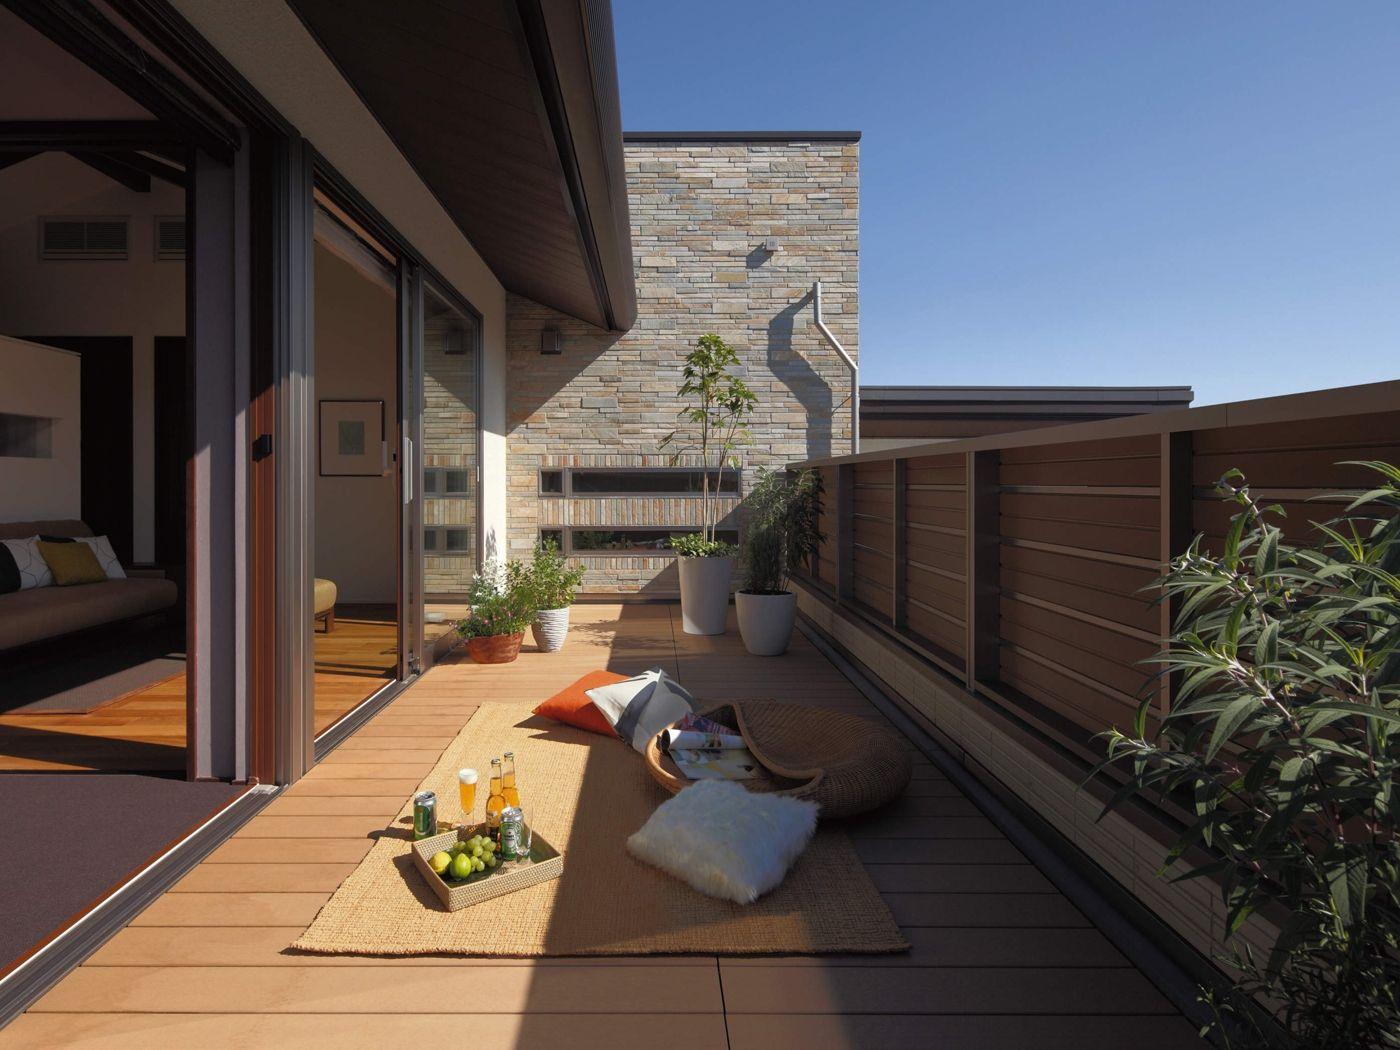 ルーフバルコニー イメージ 日本のモダンな家 バルコニーのデザイン